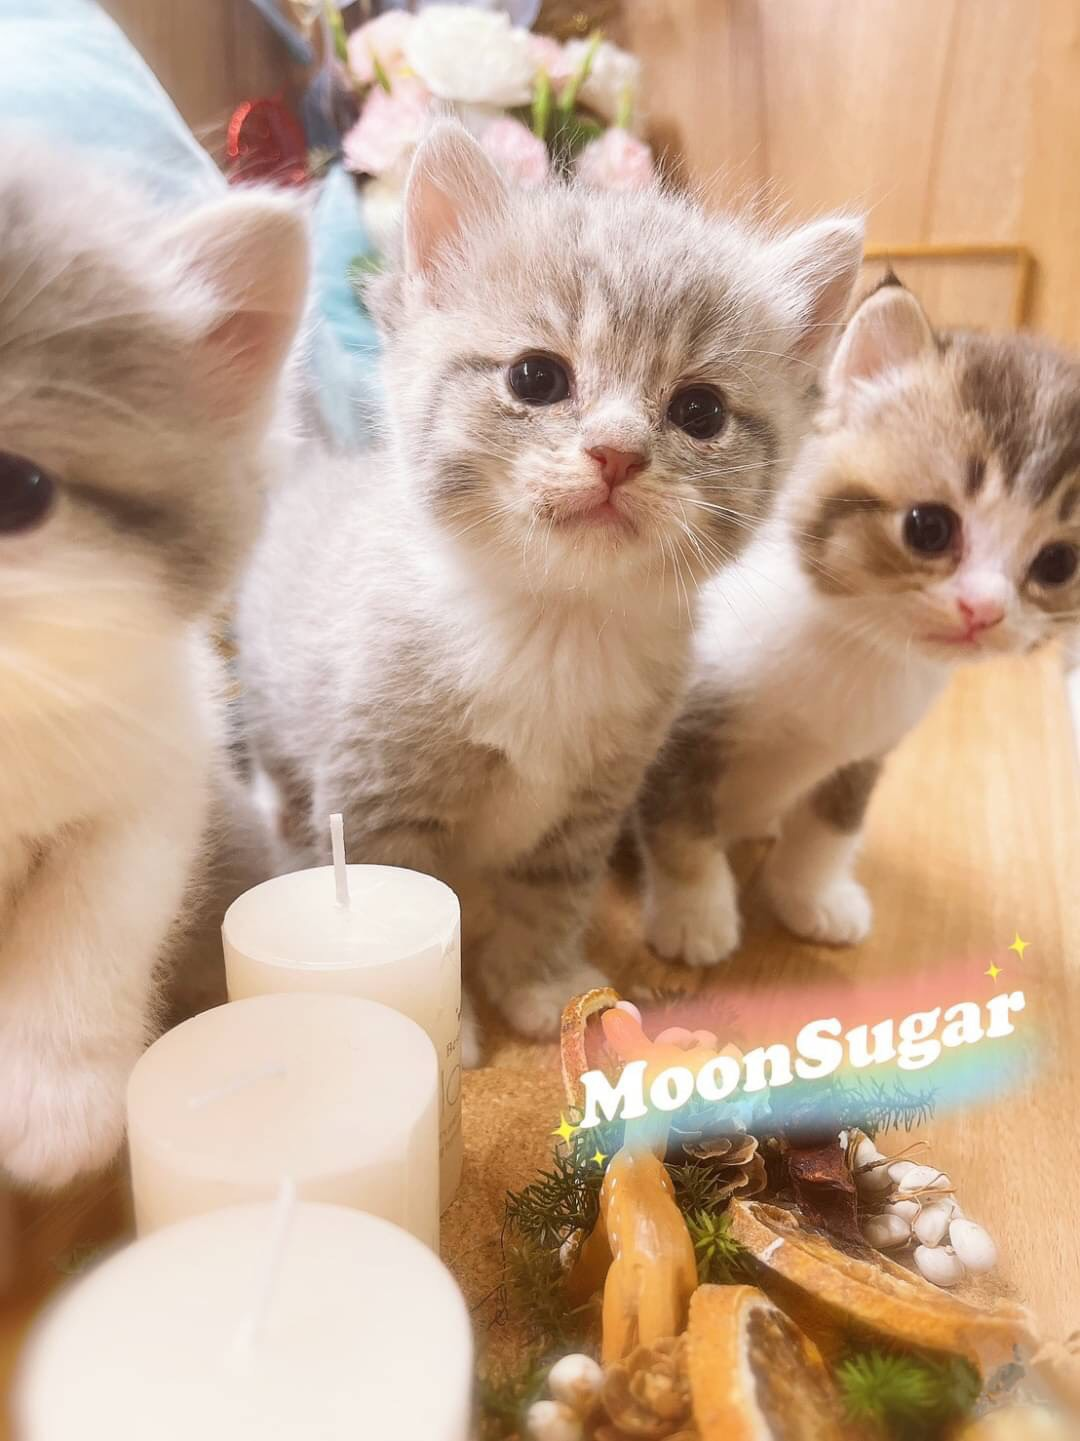 月亮糖糖喵樂園/藍金漸層 黑金漸層 英國短毛貓